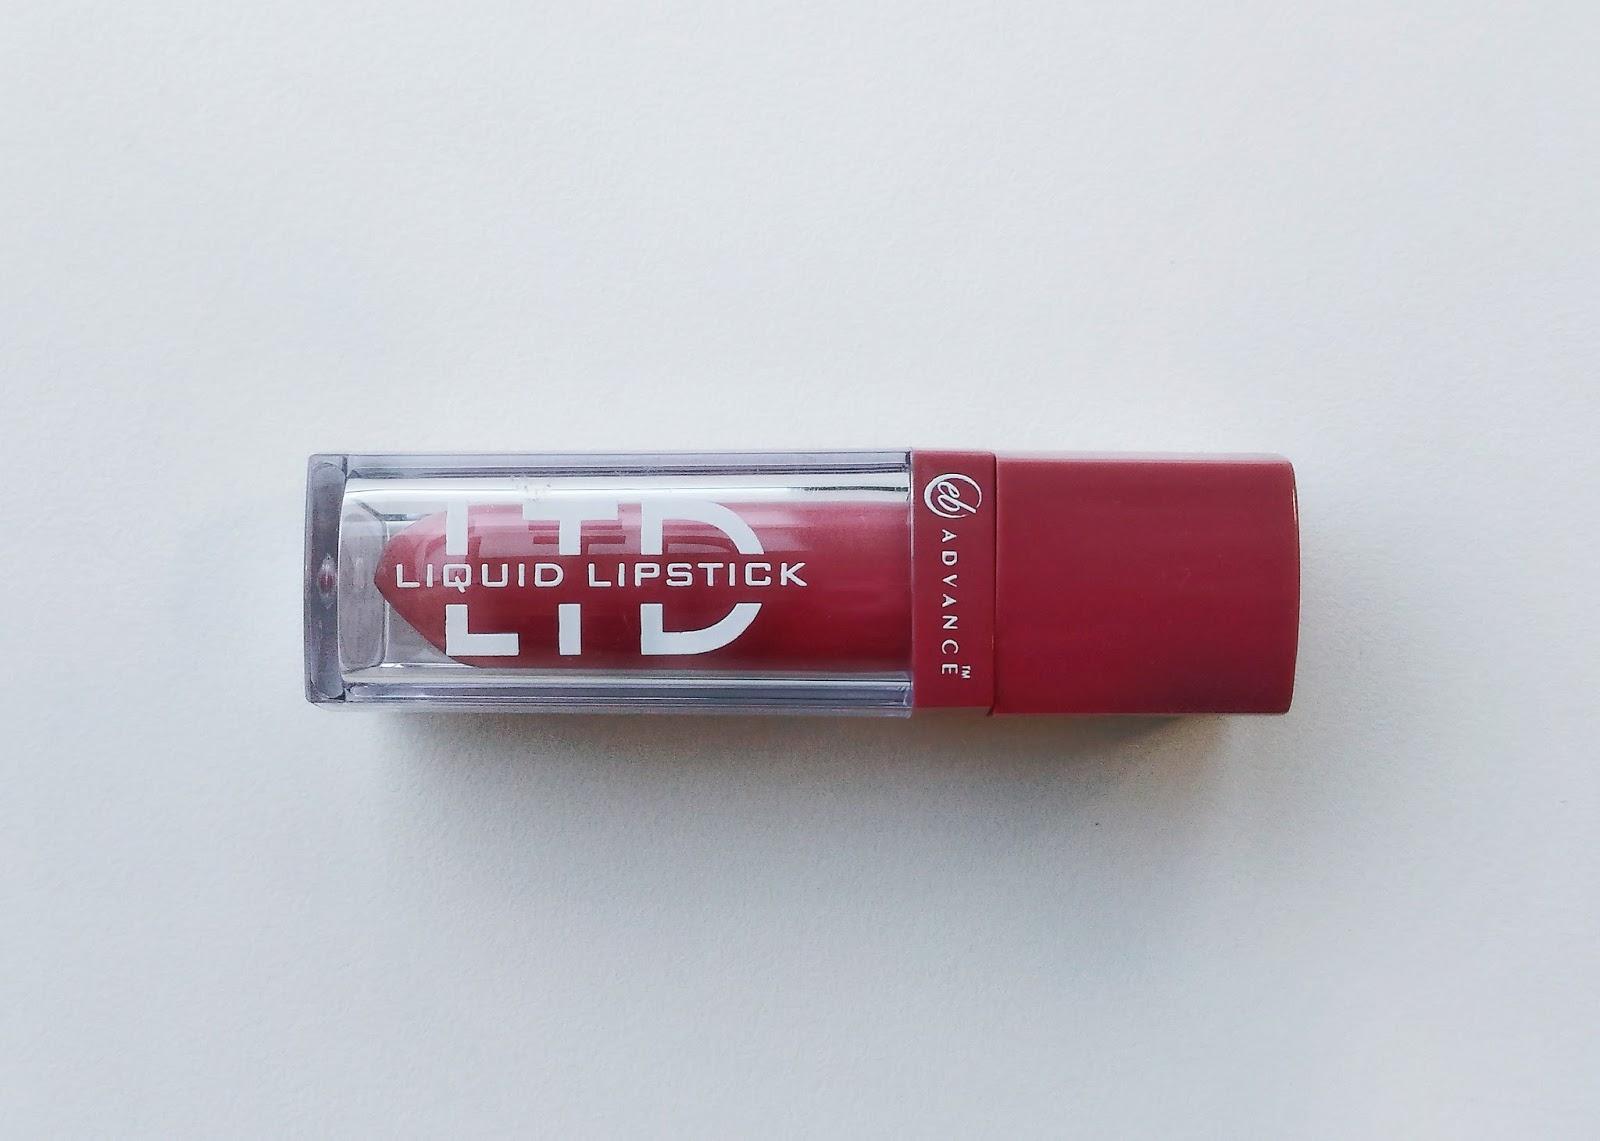 Lucky Citrine: EB Advance LTD Liquid Lipstick in Cashmere